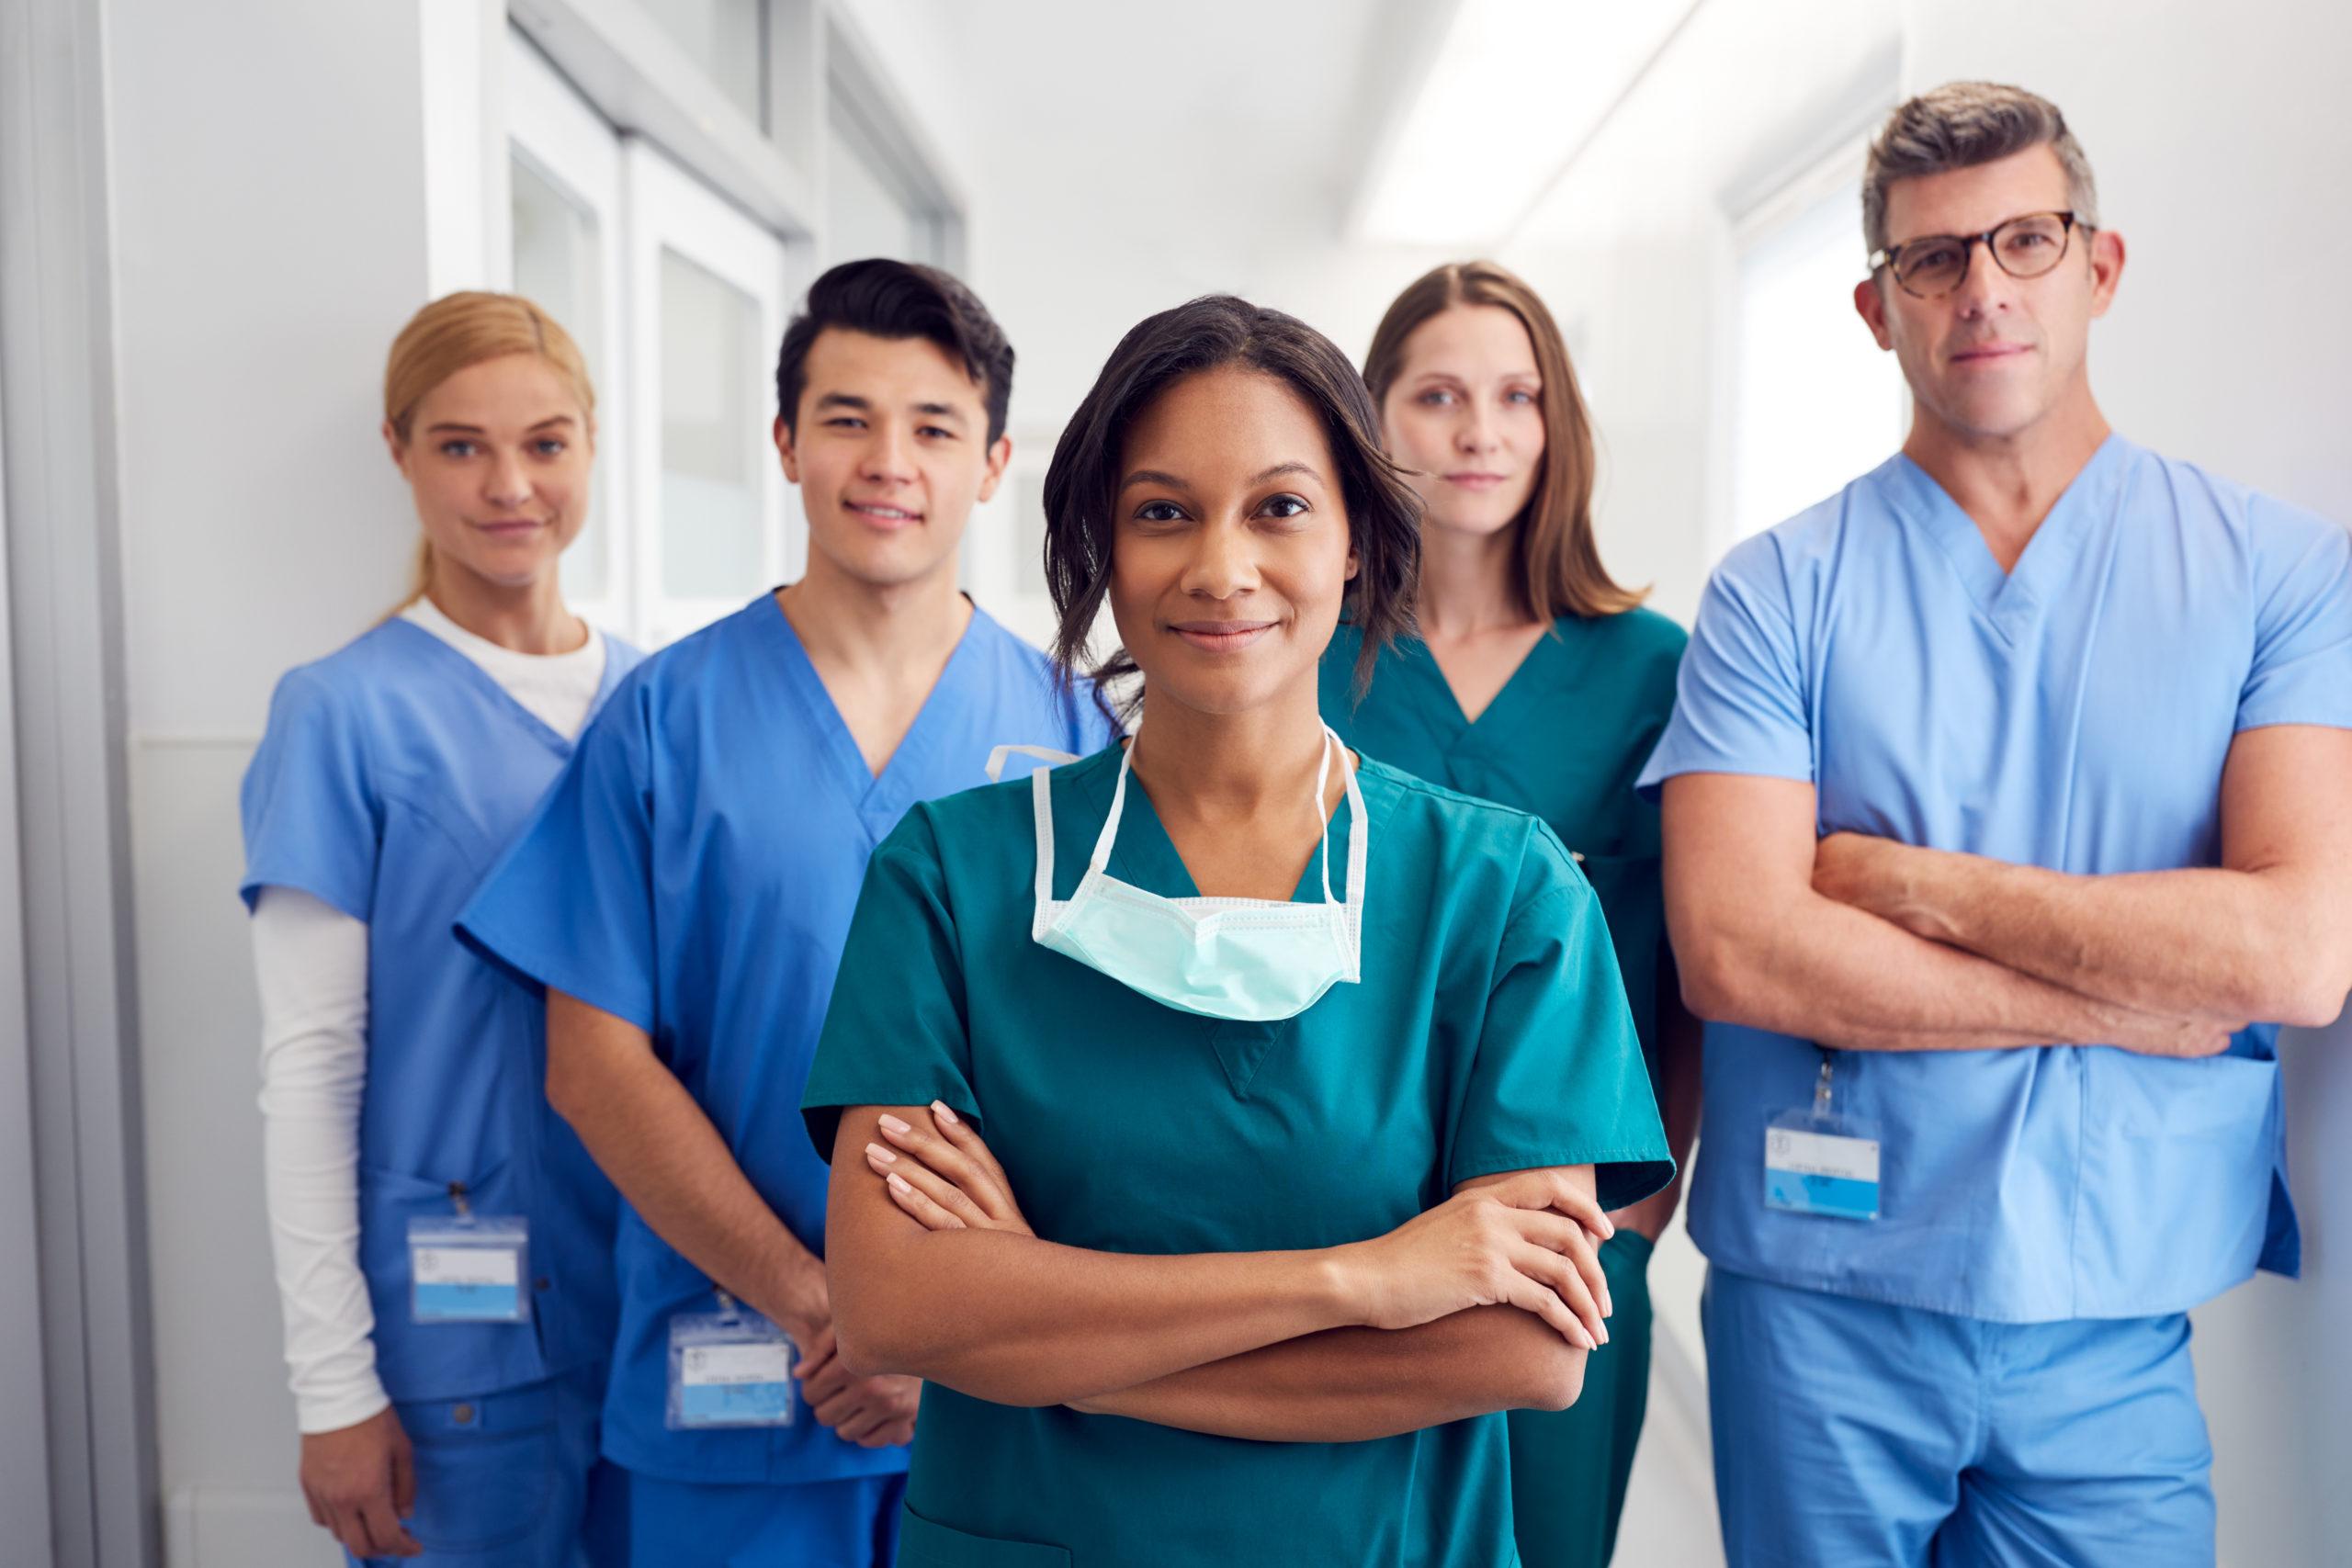 Fünf Pflegekräfte stehen lächelnd im Flur